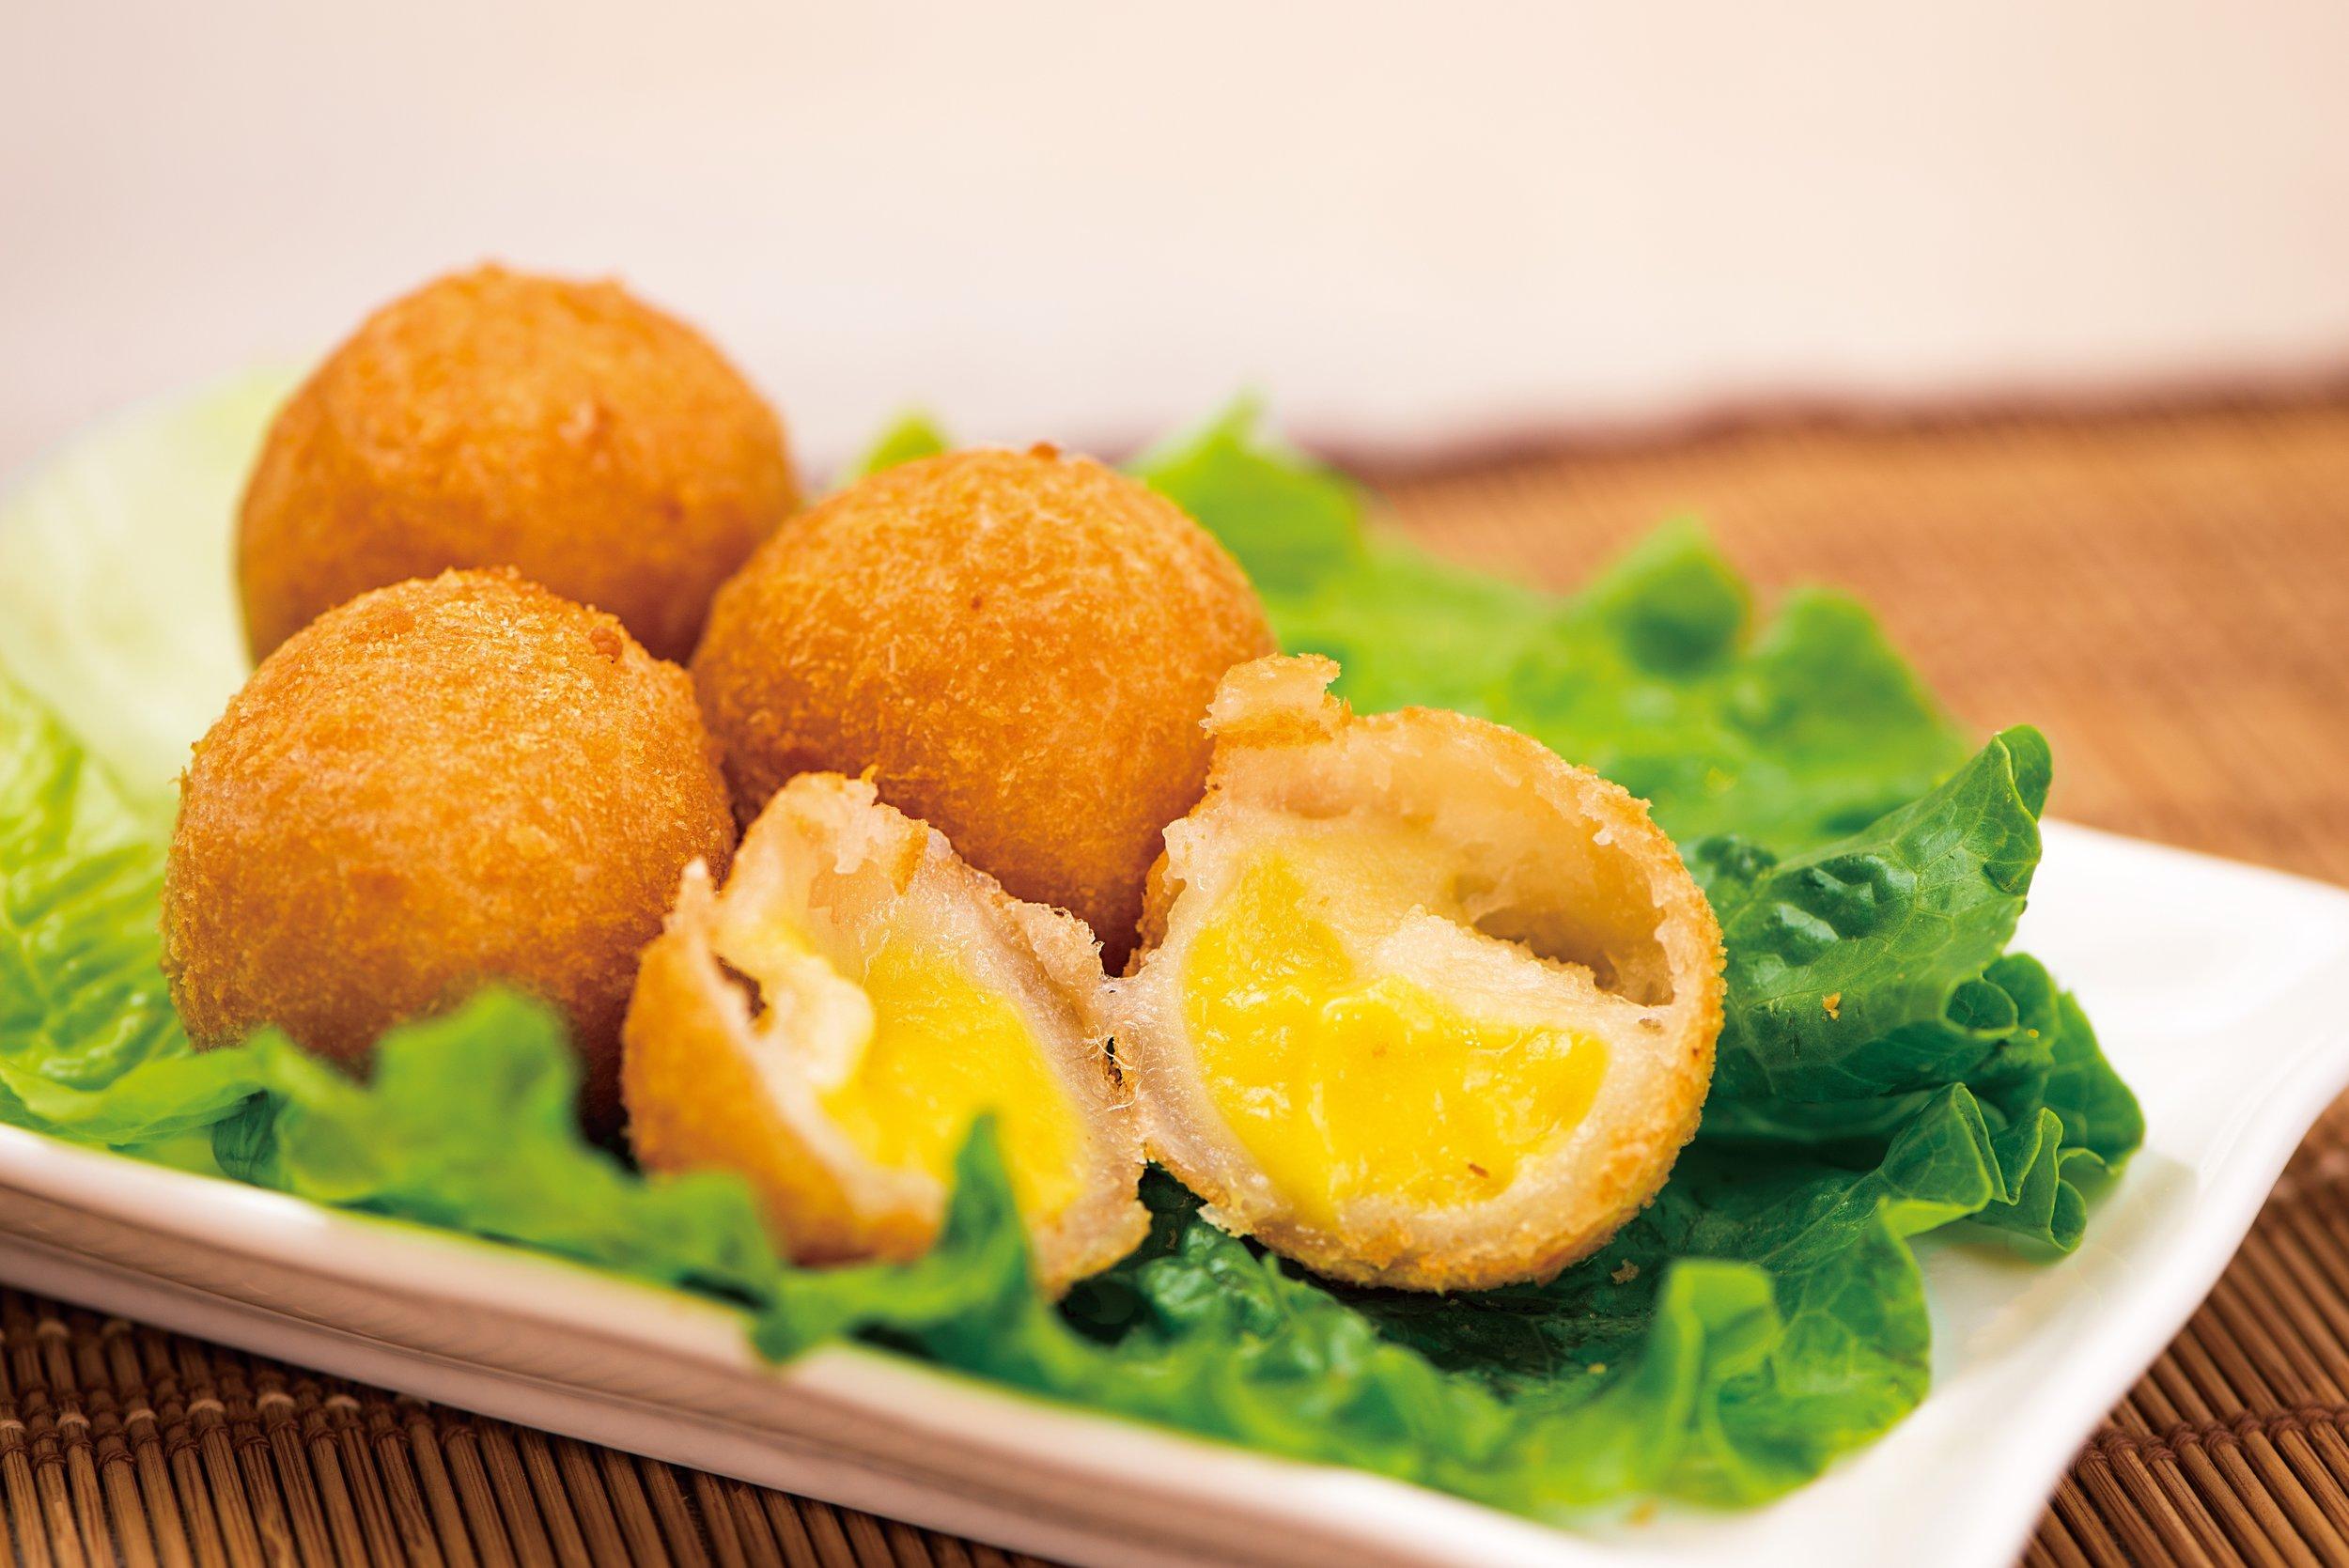 芝心榴槤波波 Potato Rice Cake with Cheese and Durian_9_(HIGH RES).jpg